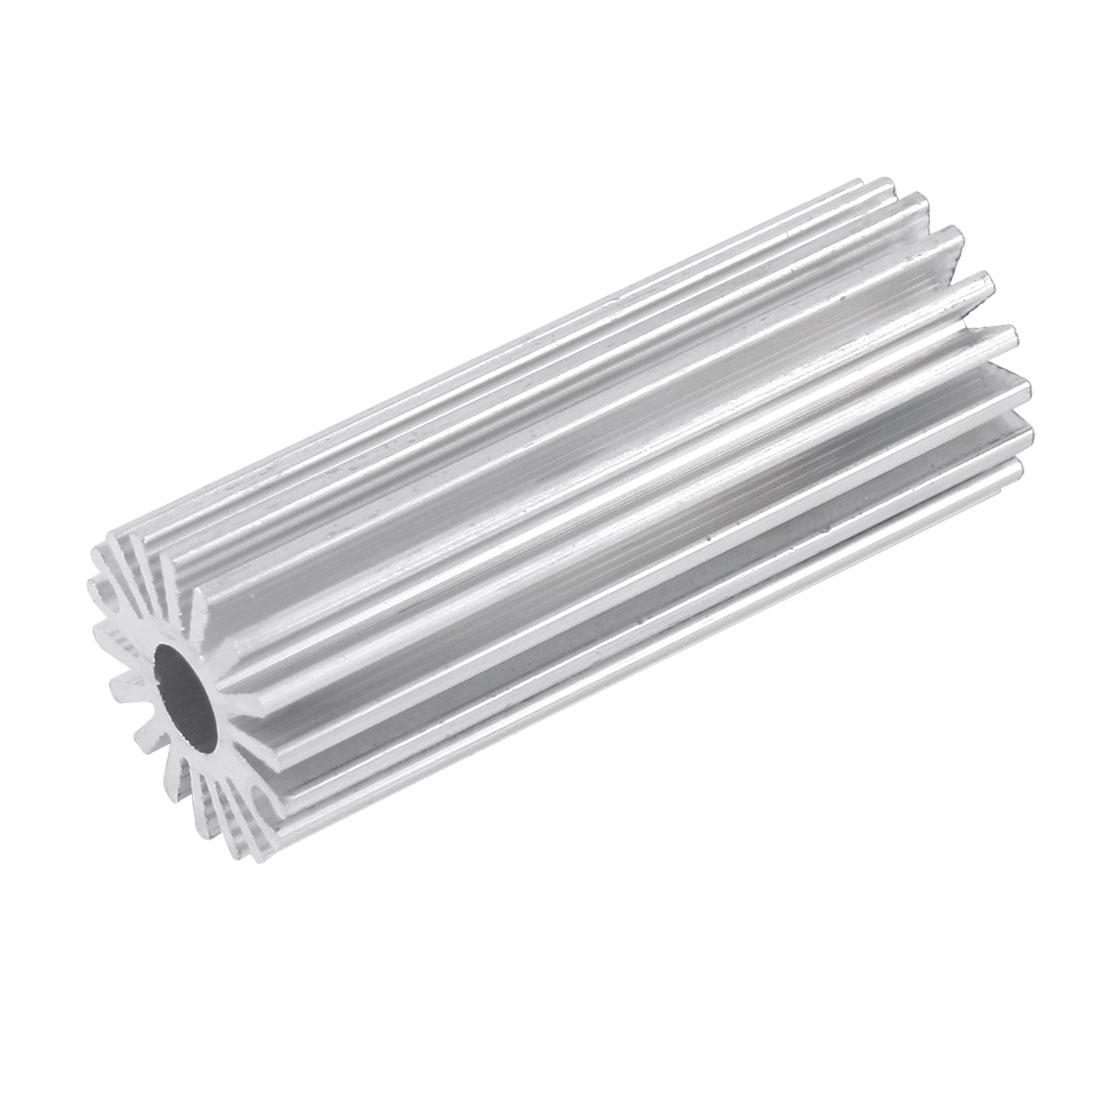 50mm x 20mm Aluminium Heatsink Cooling Fin for 1-2W High Power LED Bulb